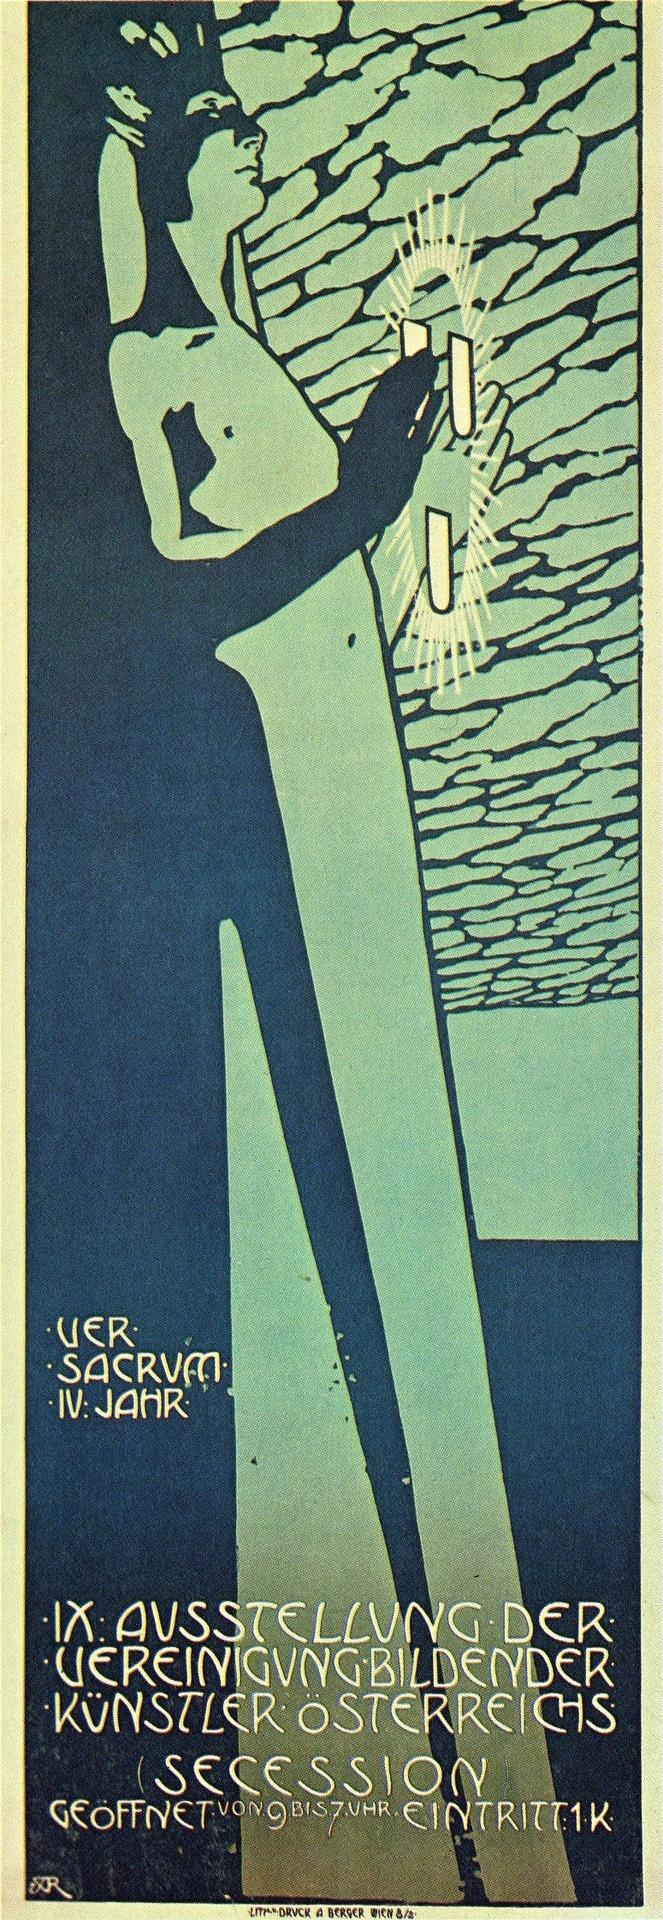 Vienna Secession poster